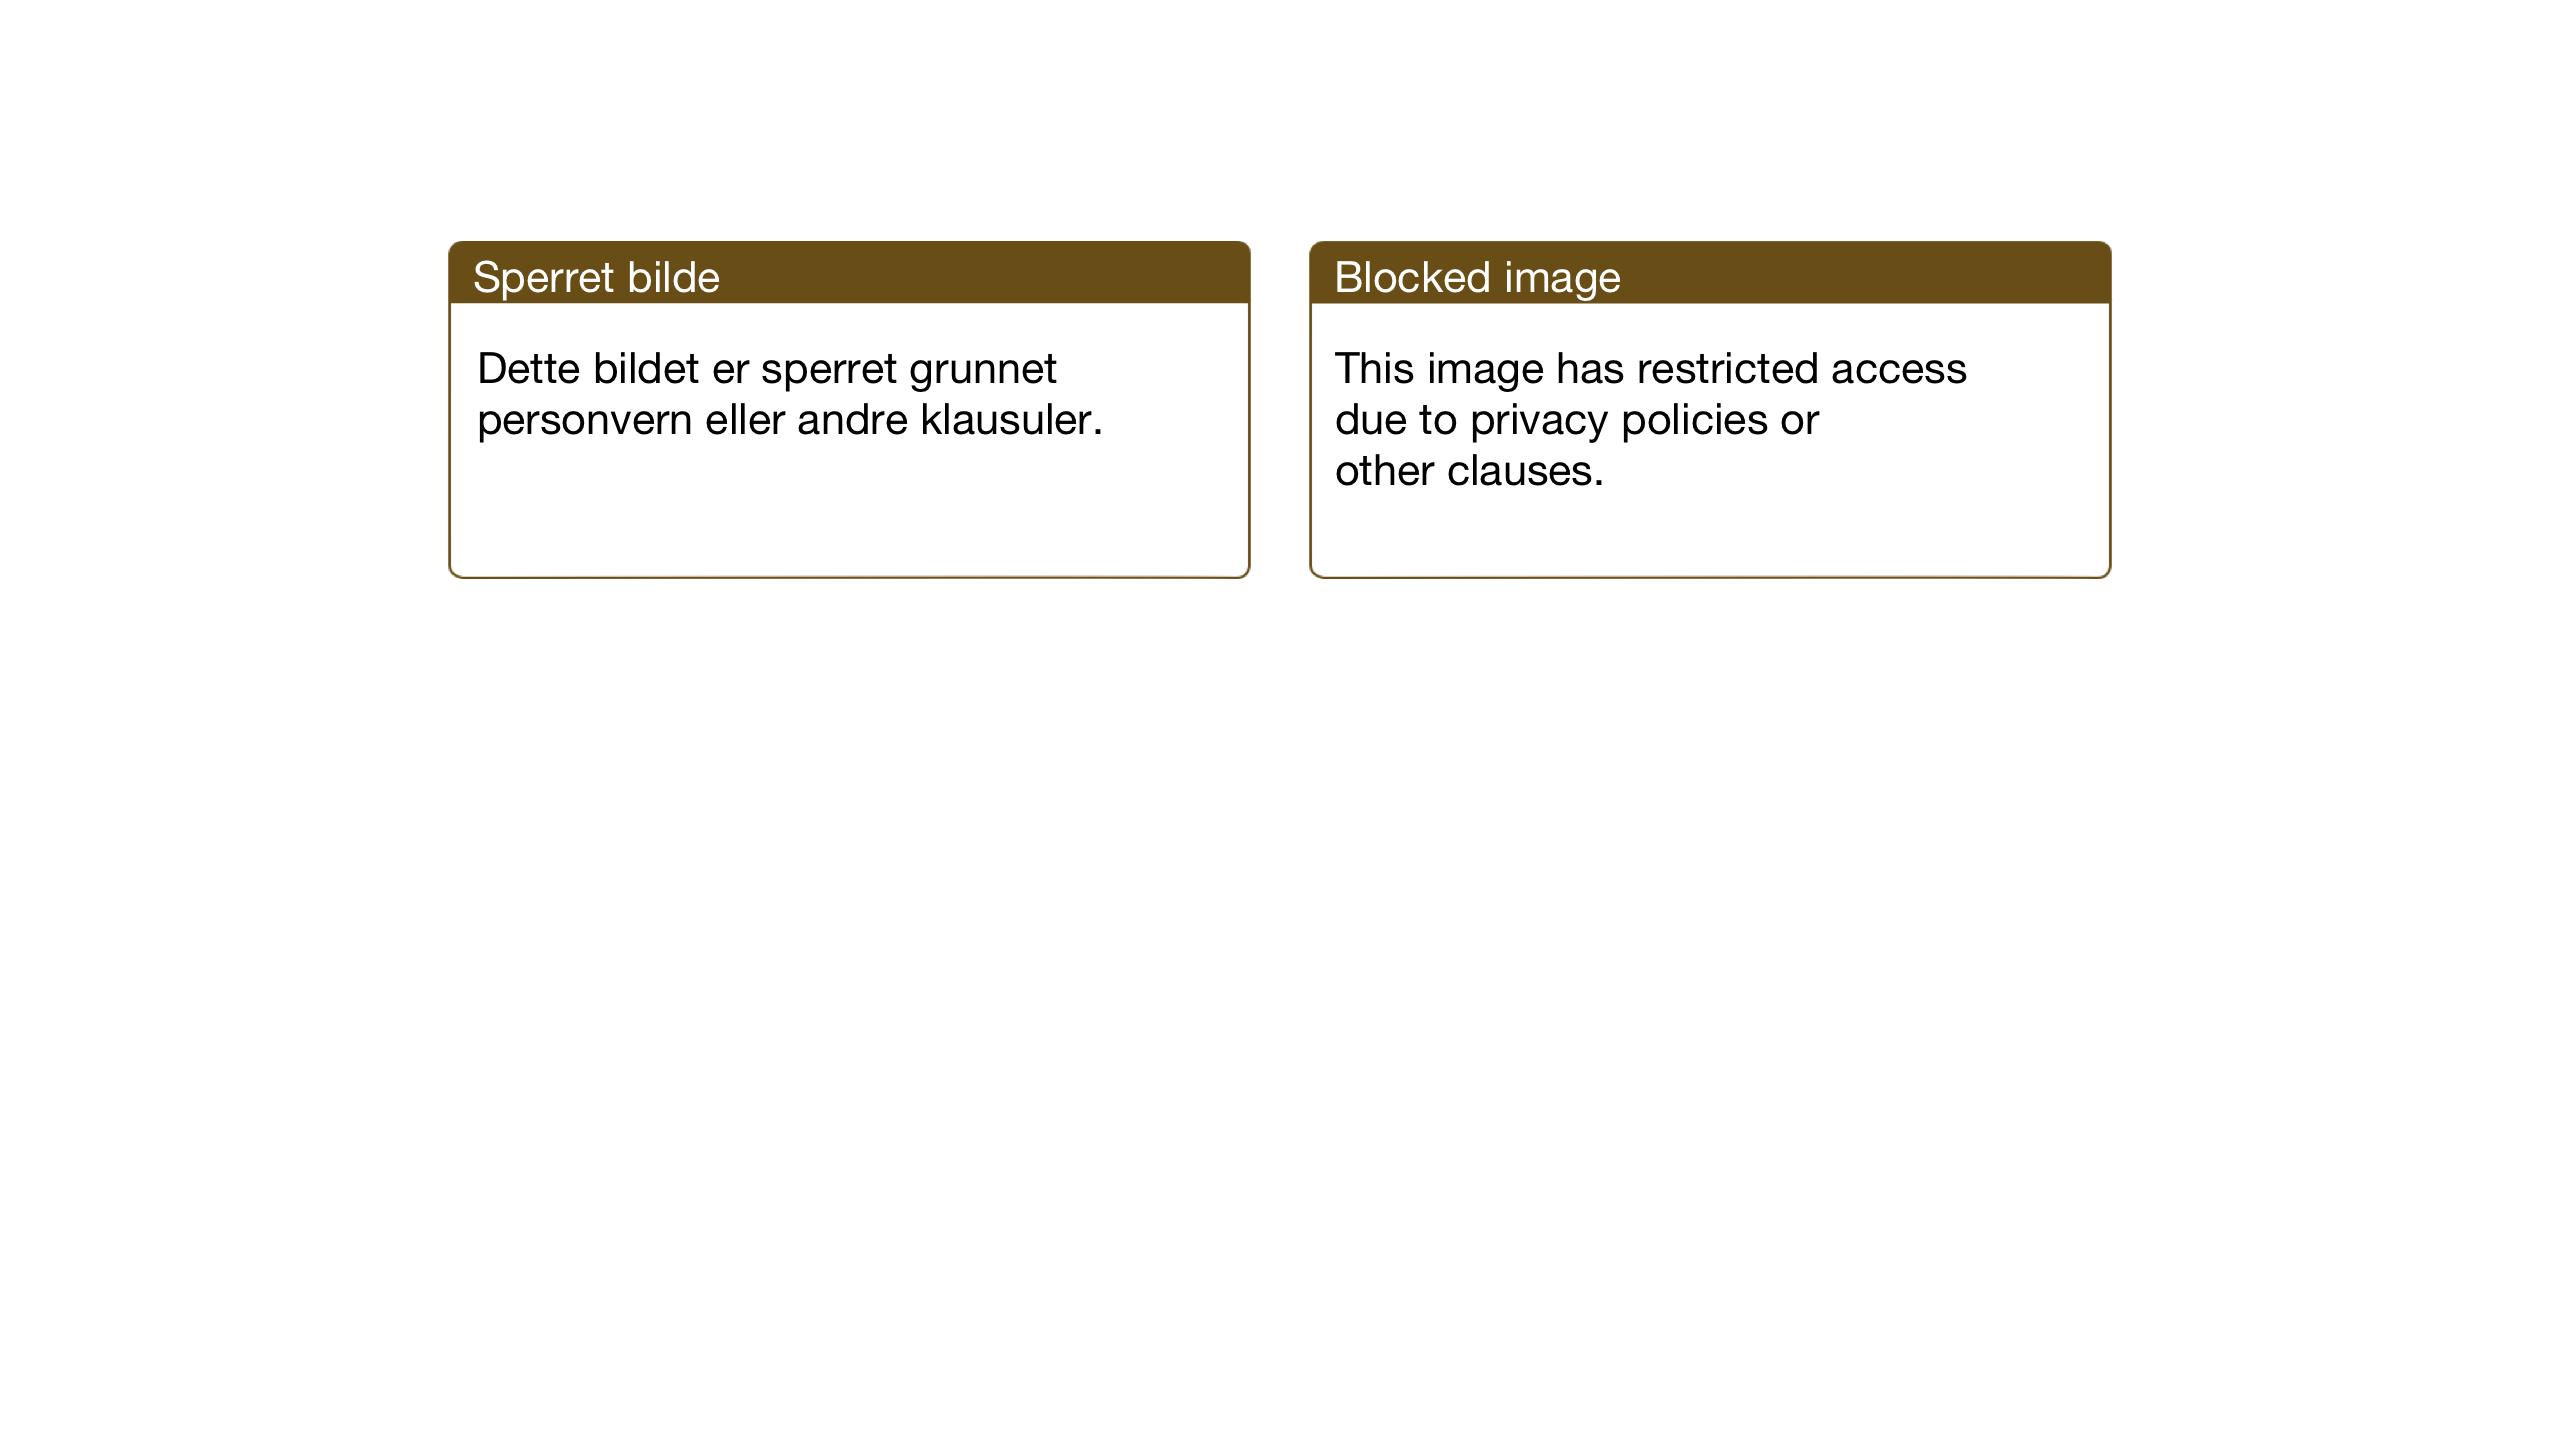 SAT, Ministerialprotokoller, klokkerbøker og fødselsregistre - Nord-Trøndelag, 740/L0384: Klokkerbok nr. 740C05, 1939-1946, s. 24